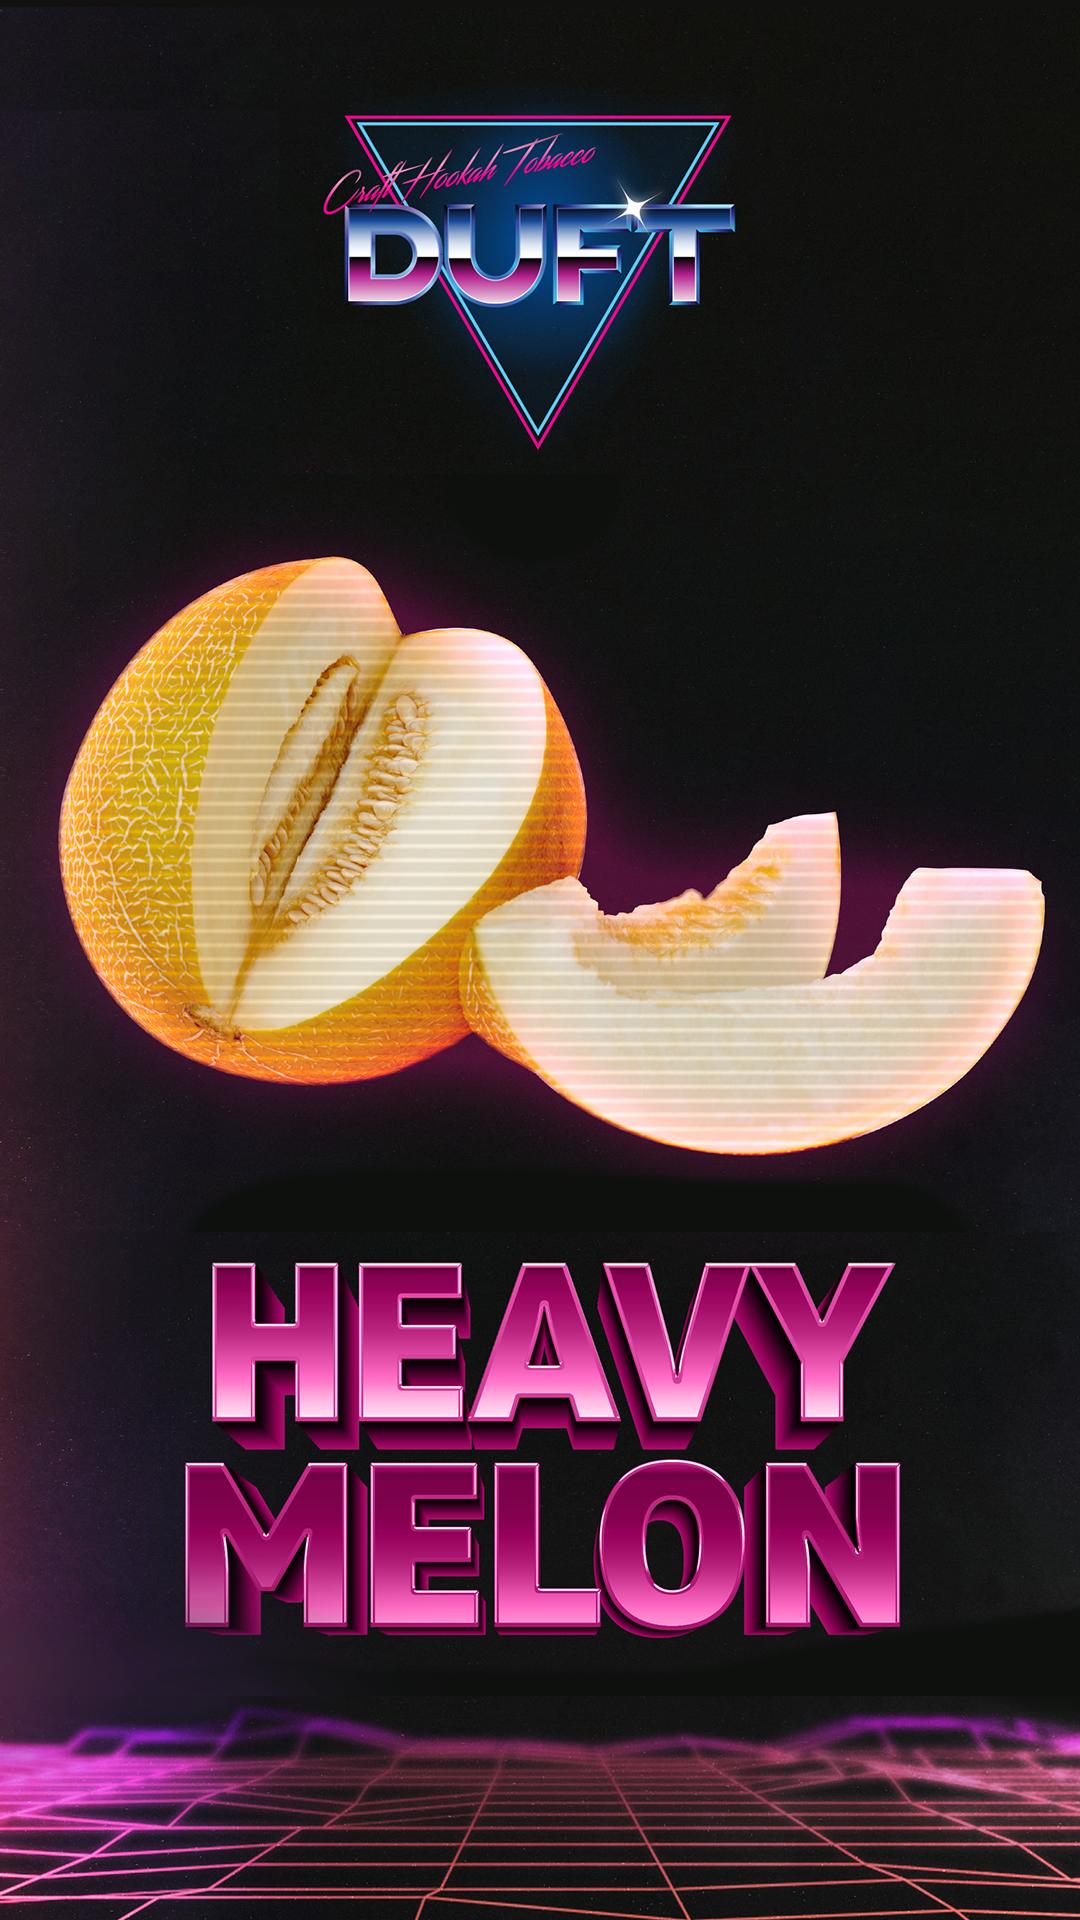 Heavy melon